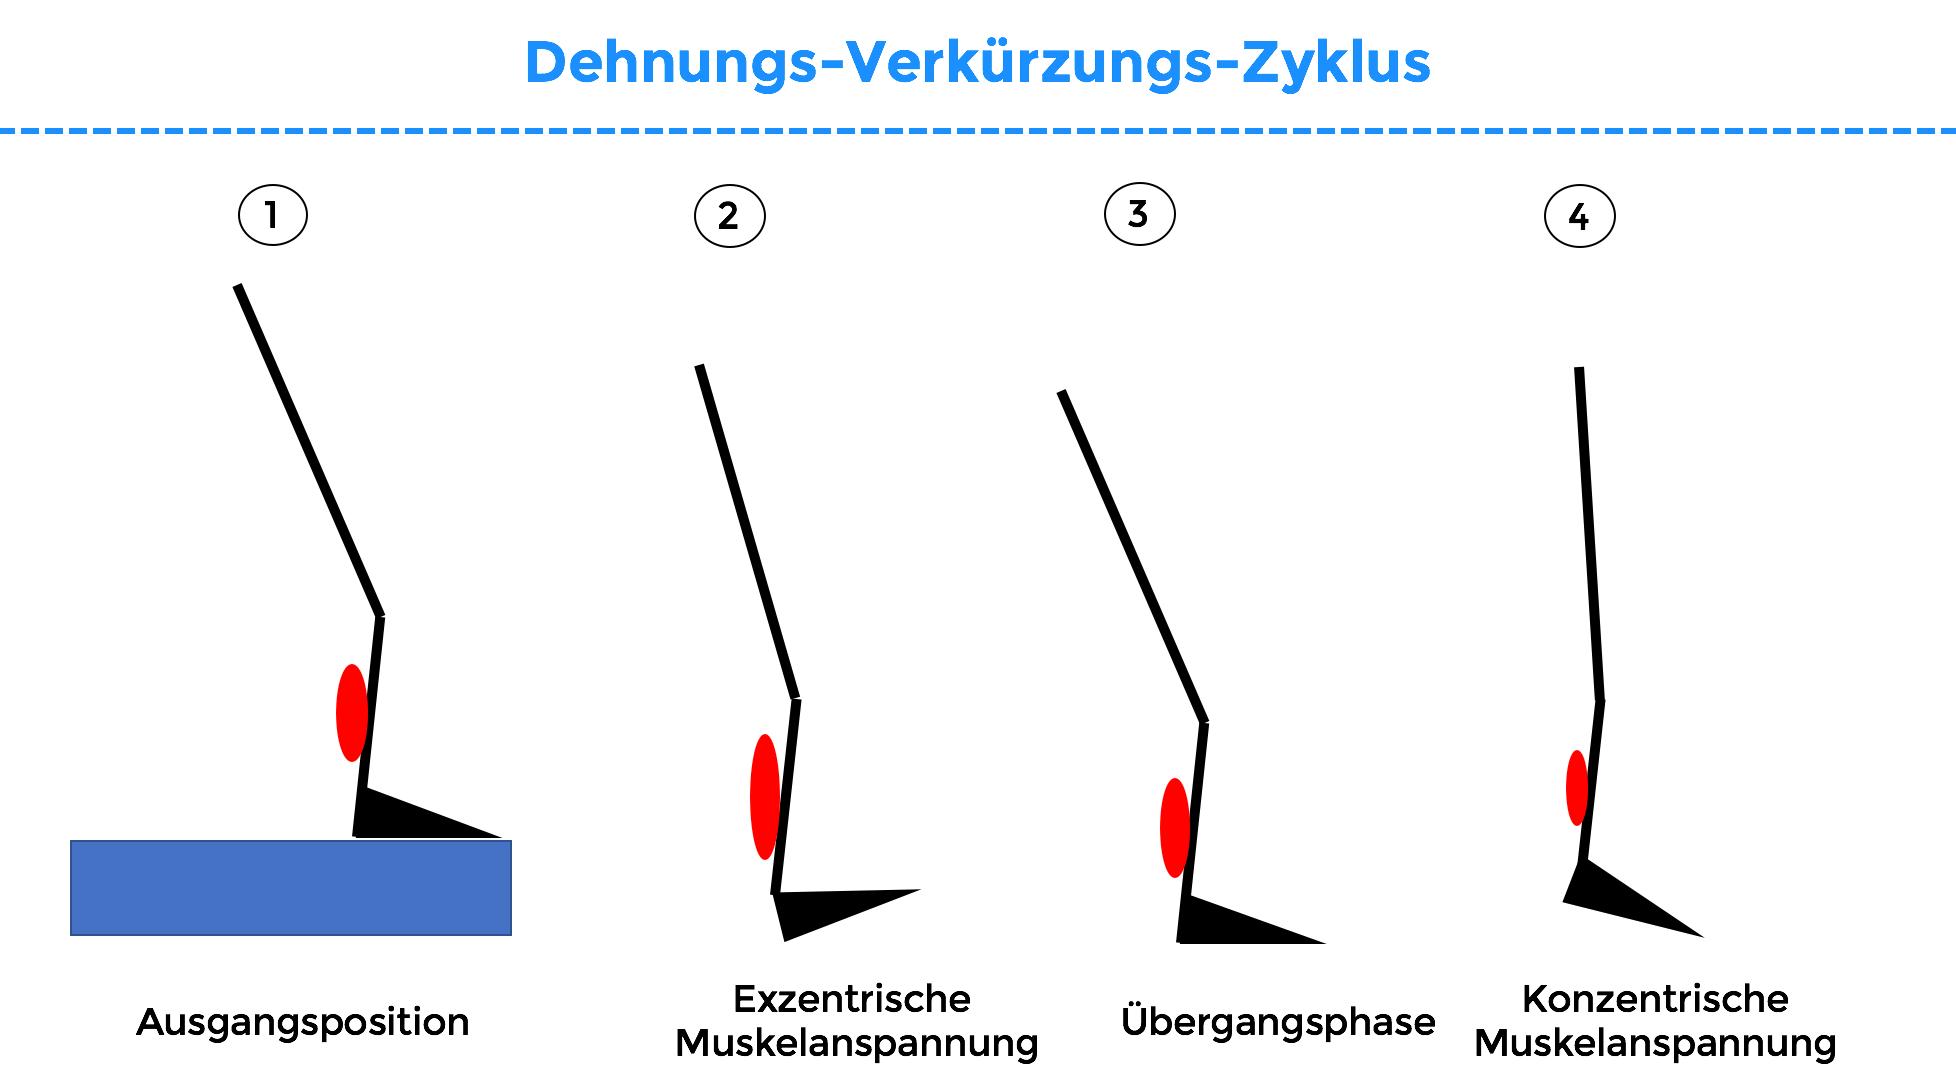 dehnungs-verkürzungs-zyklus